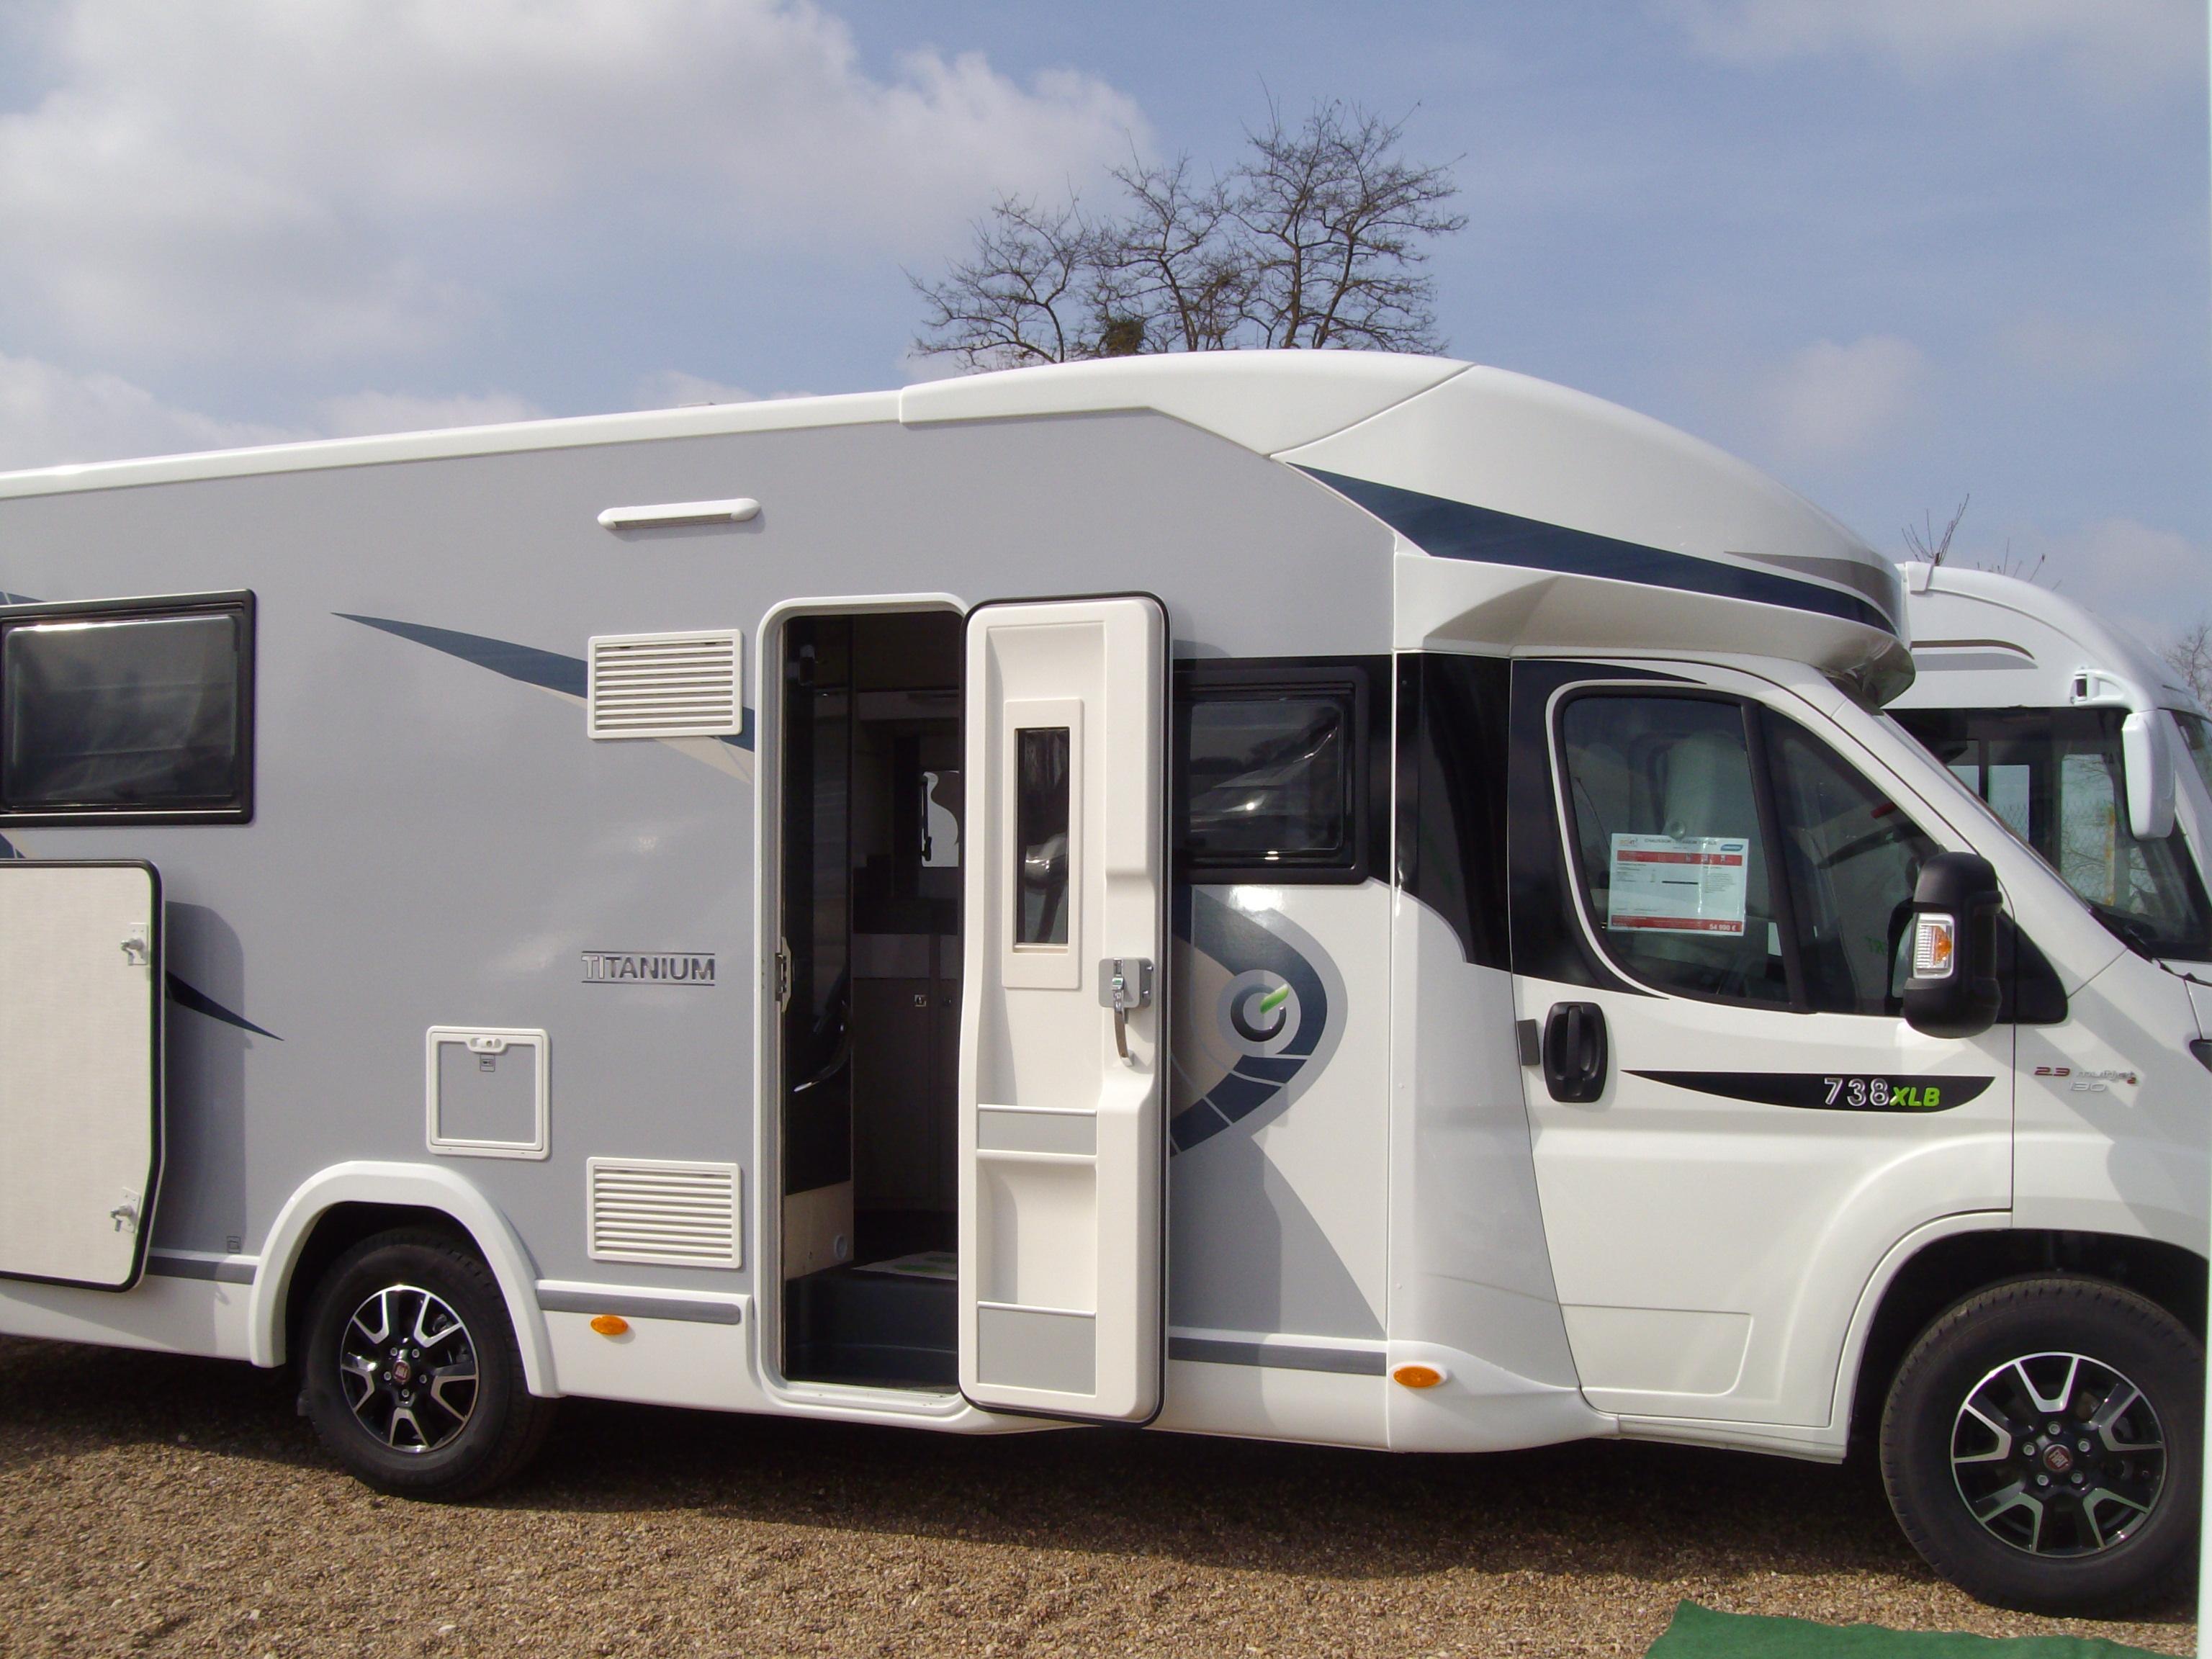 chausson titanium 738 xlb neuf de 2017 fiat camping car en vente suevres loir et cher 41. Black Bedroom Furniture Sets. Home Design Ideas